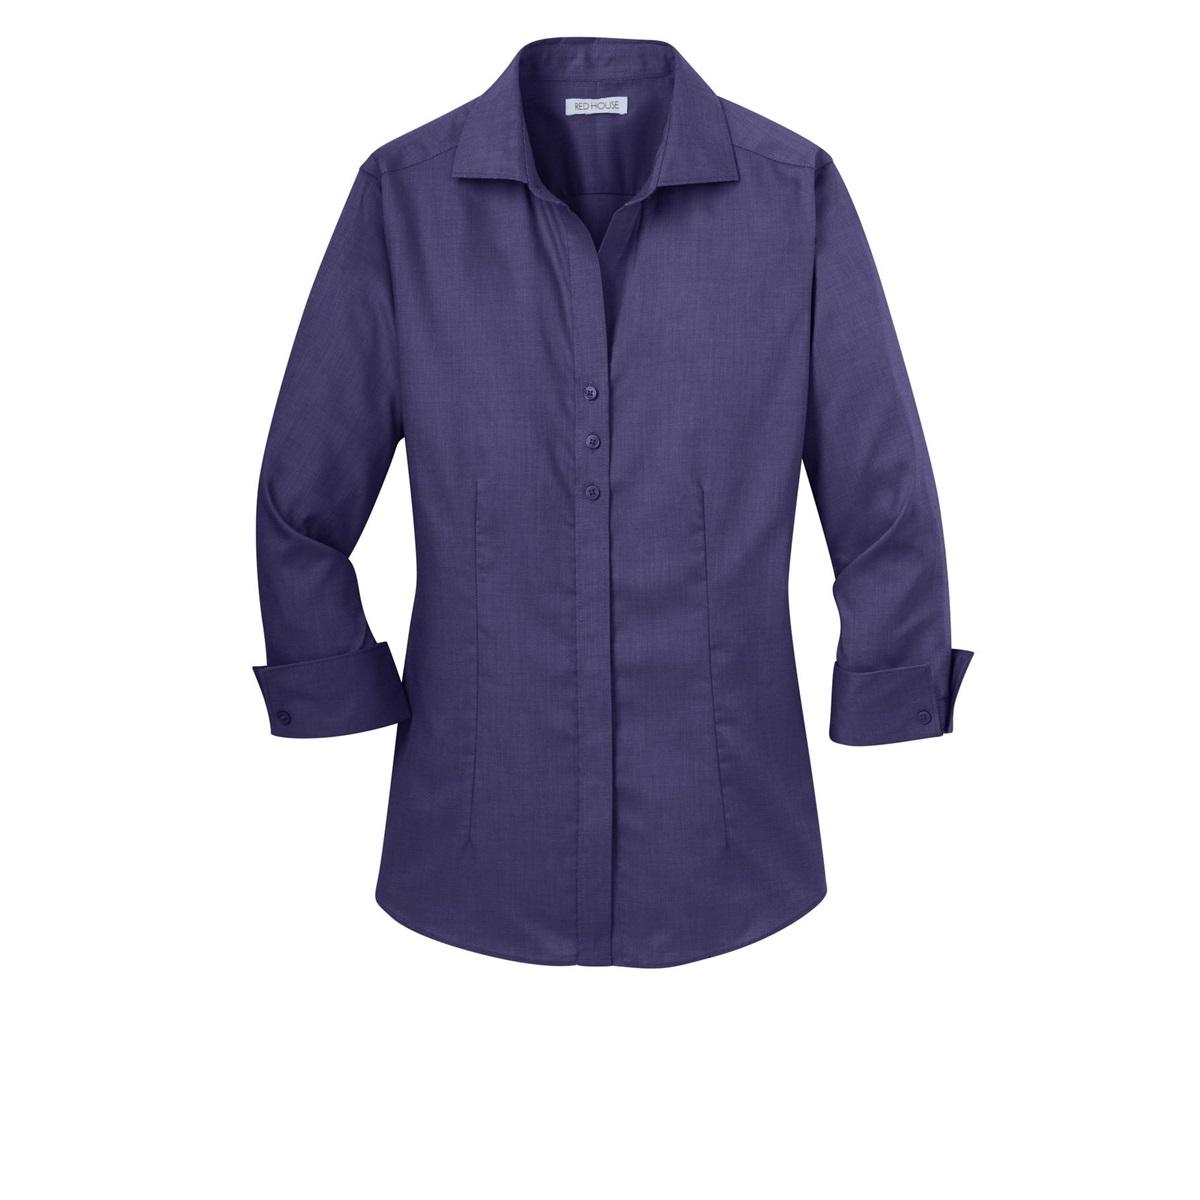 Dark purple button down shirt is shirt for Non see through white dress shirt